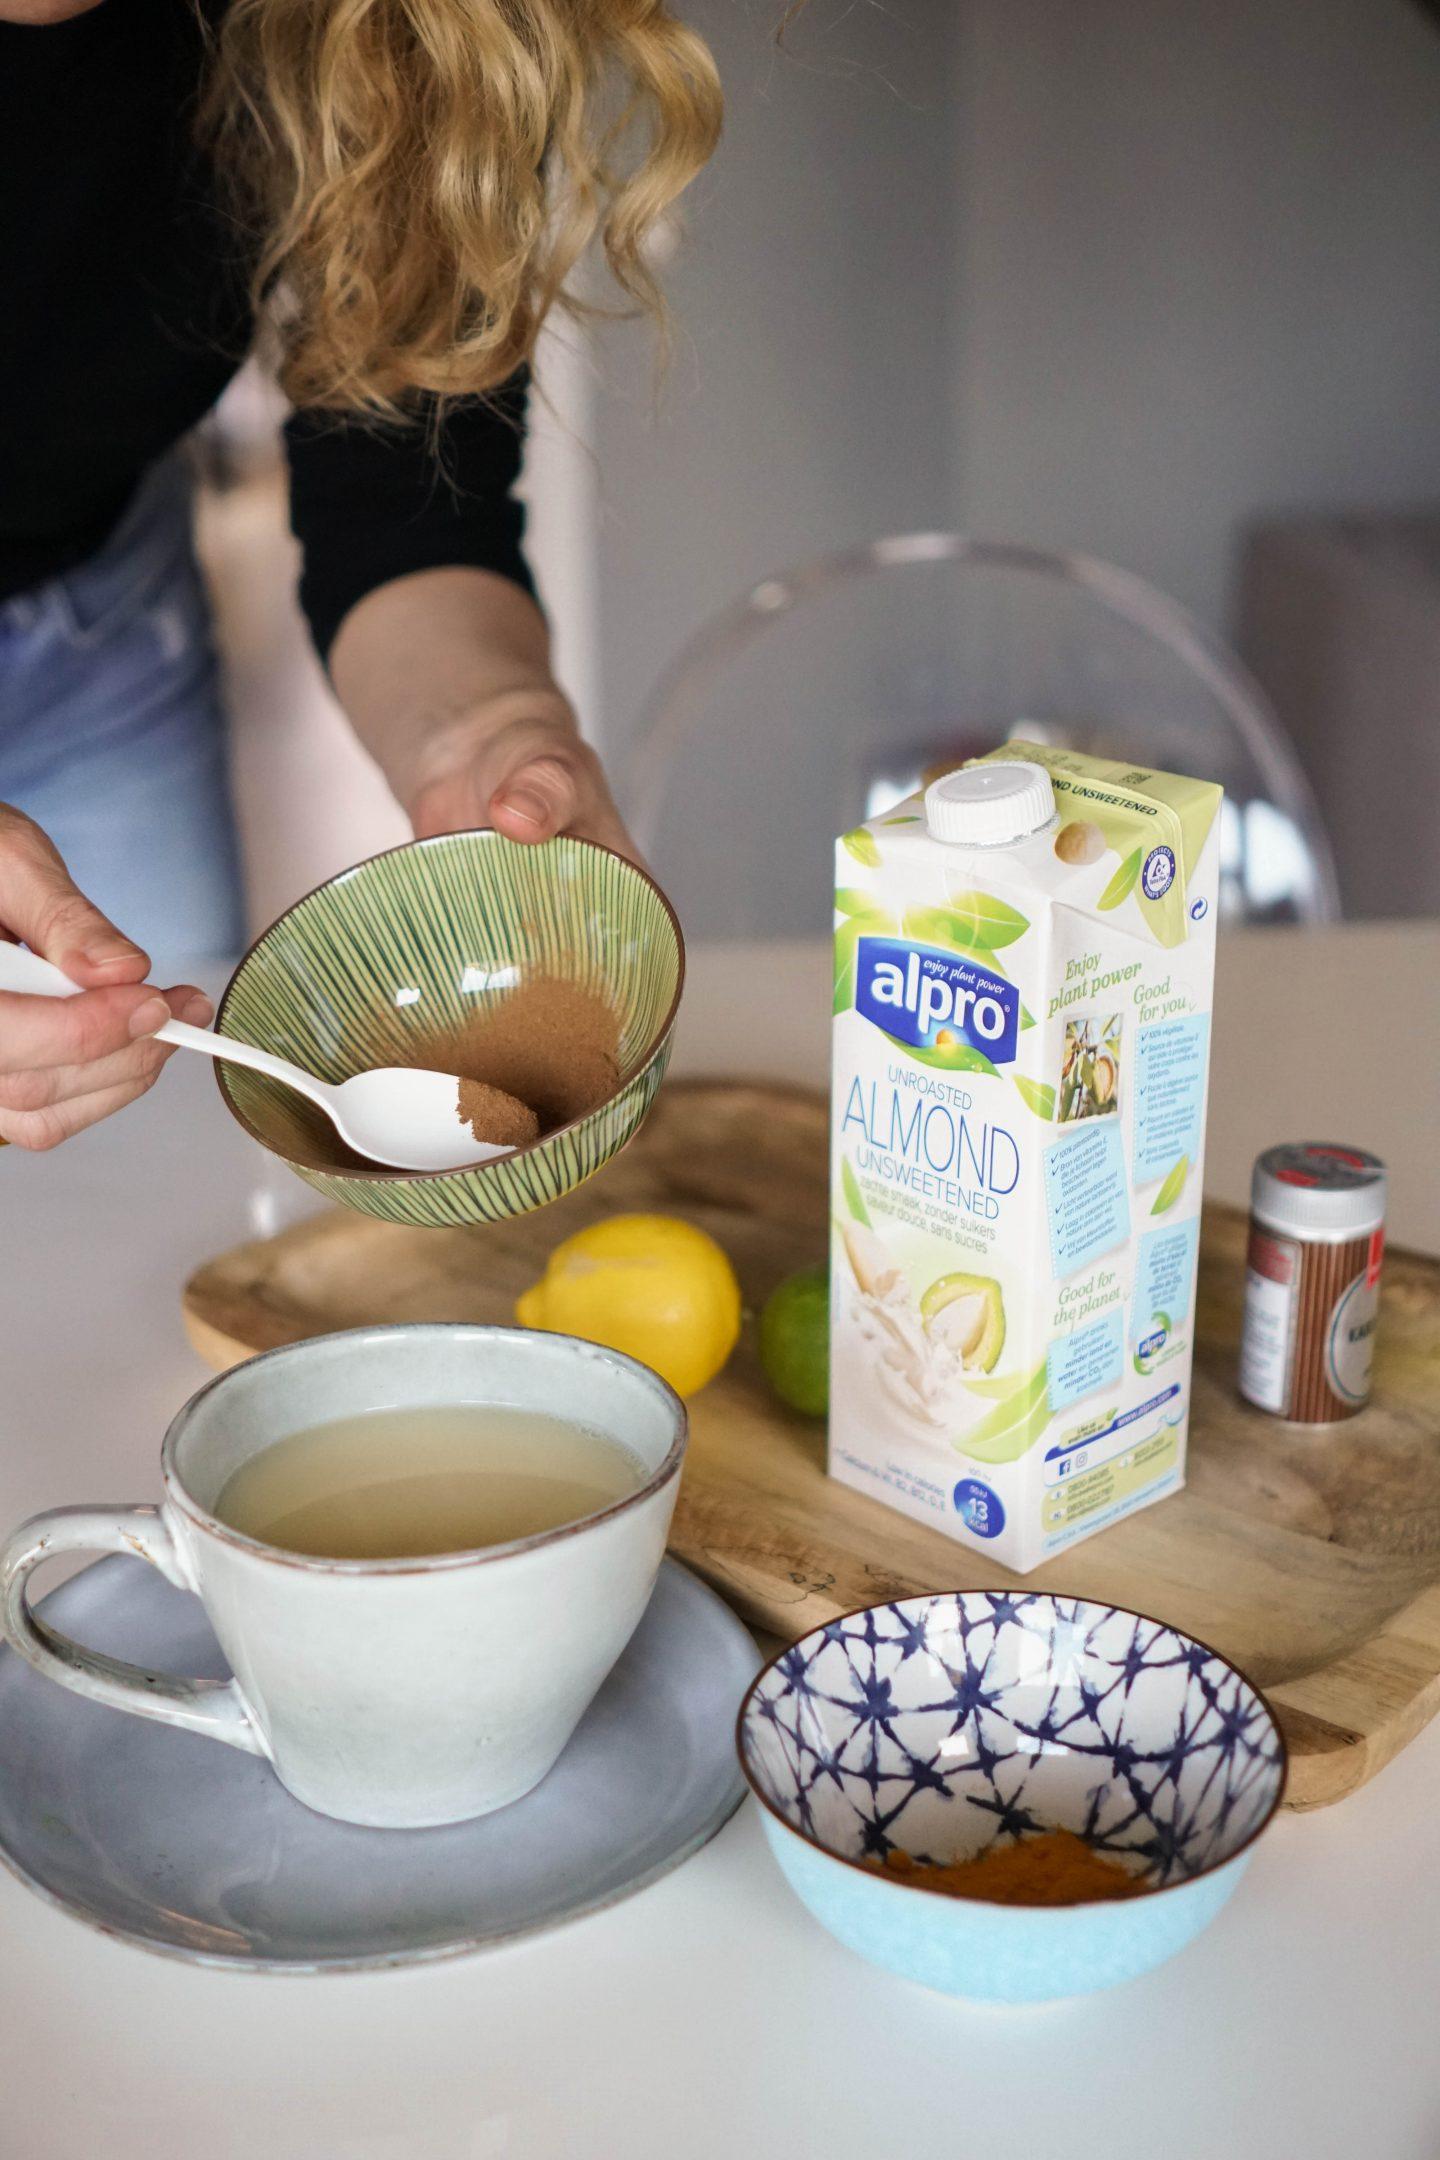 Alpro 30 Tage Challenge-Rezept Tee mit Alpro Mandeldrink ungesüßt-Nowshine Lifestyle Blog-Ernährung-Zuckerbewusstsein